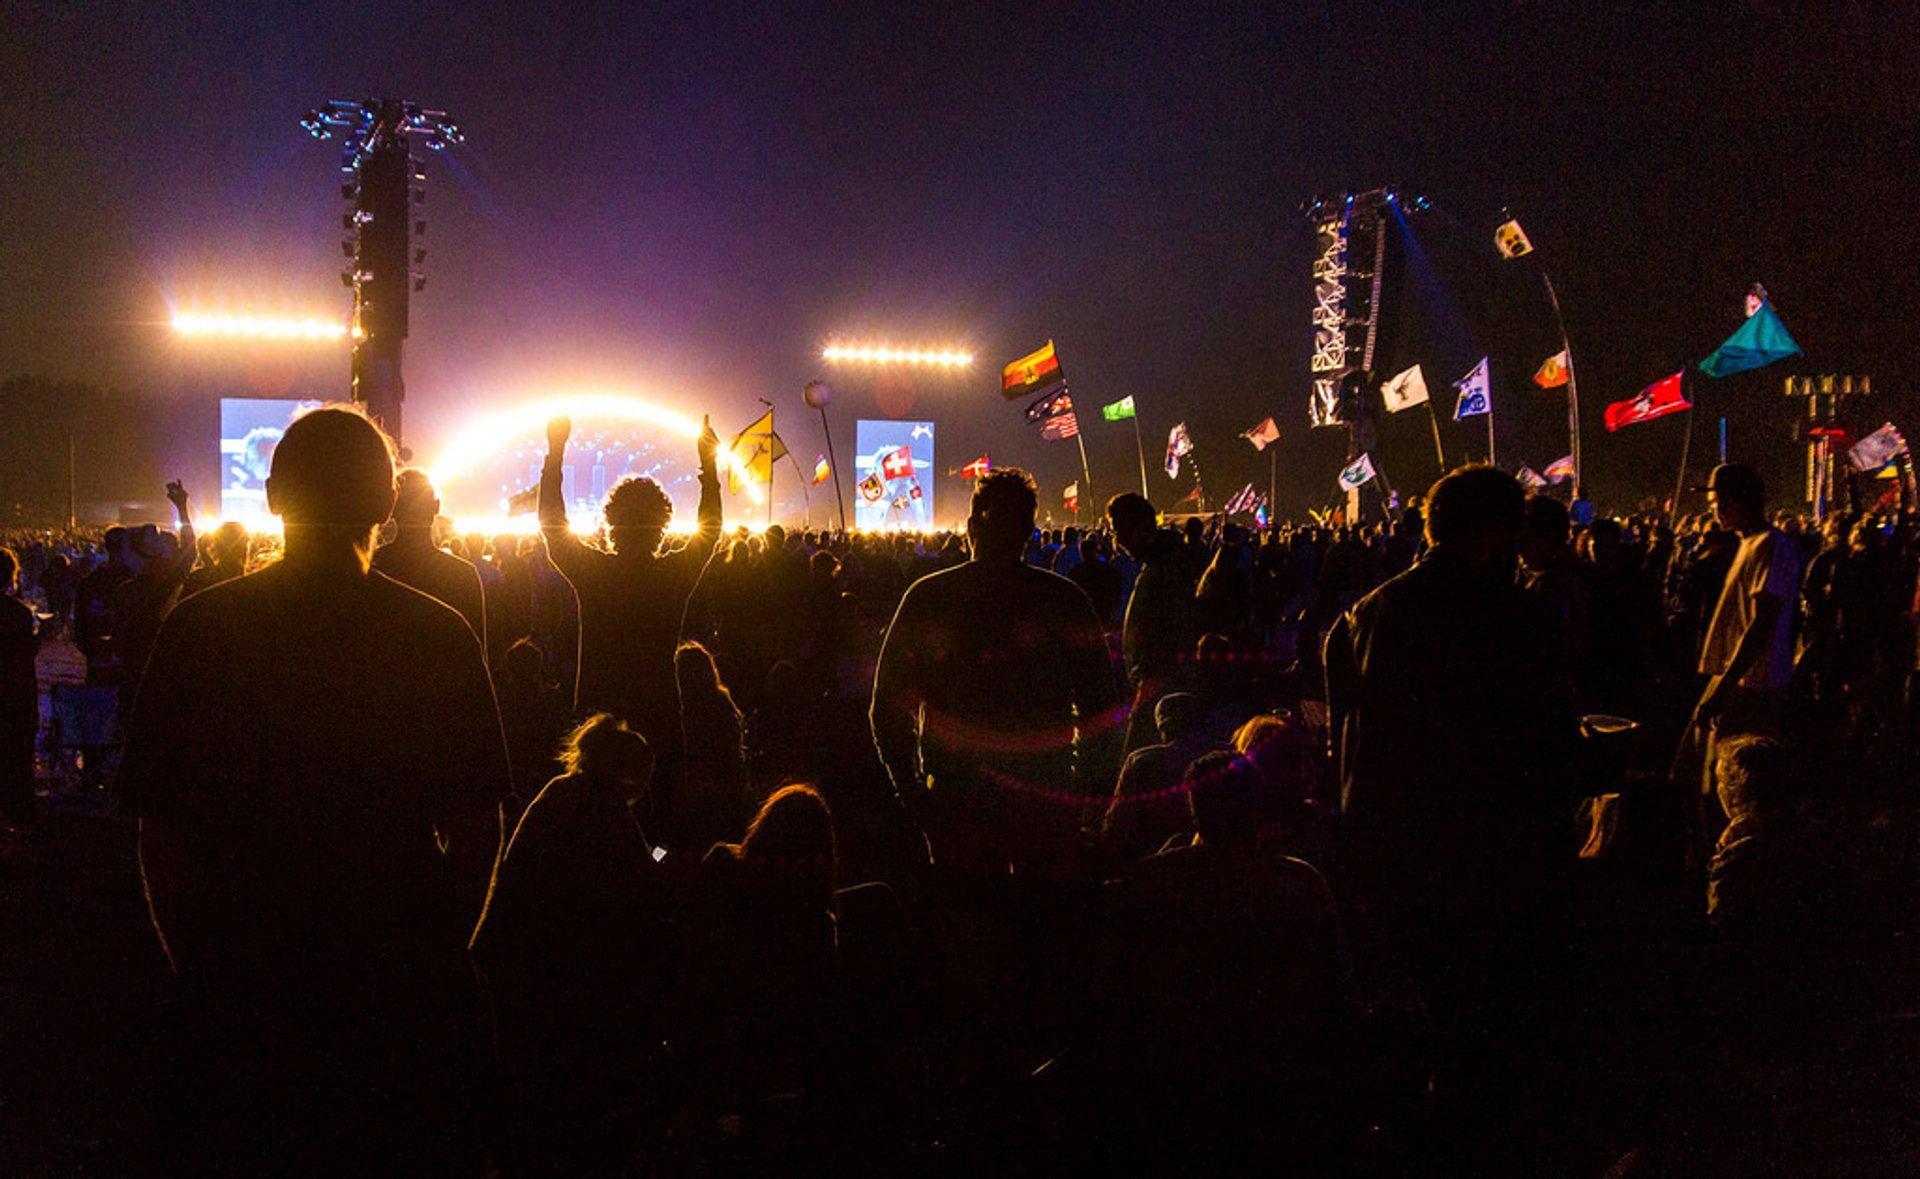 Roskilde Festival in Denmark 2019 - Best Time